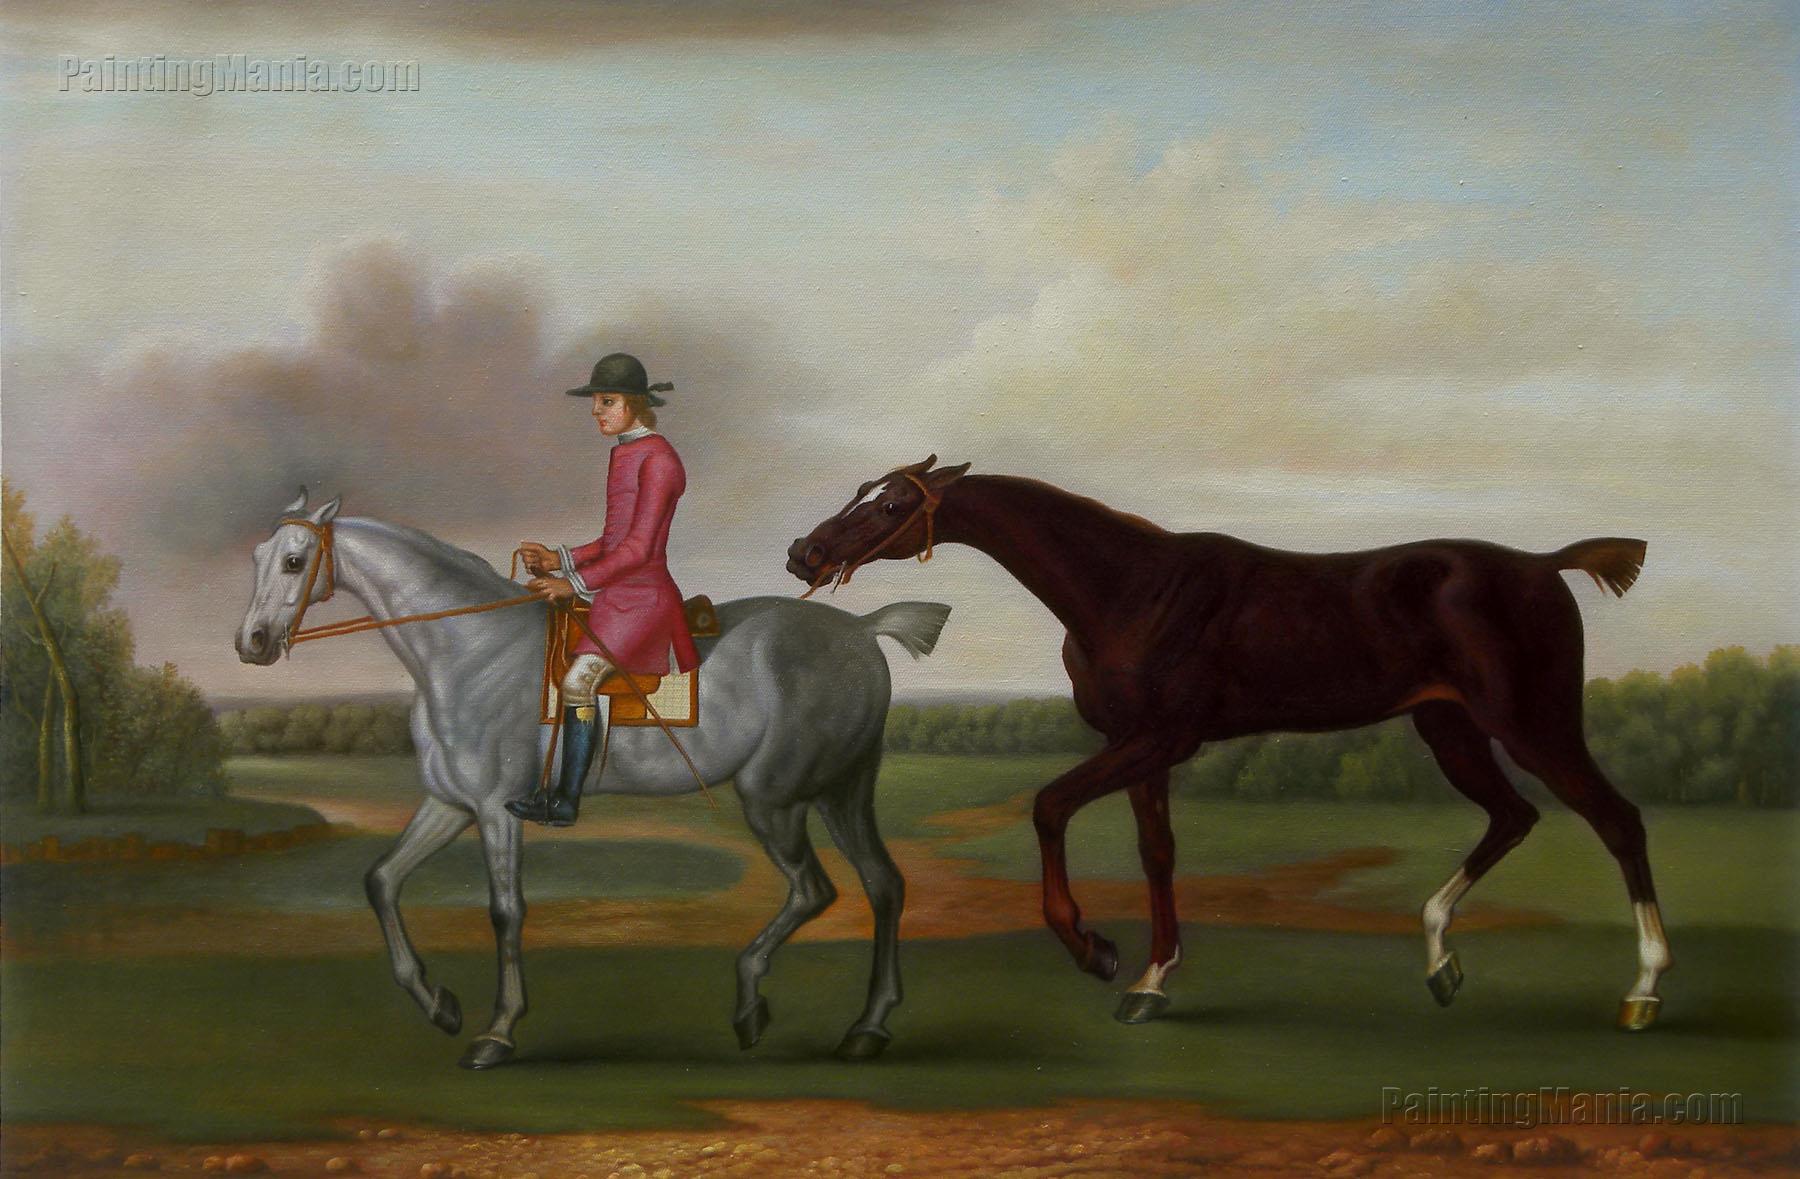 The Duke of Kingston's liver chestnut racehorse 'Jolly Roger'